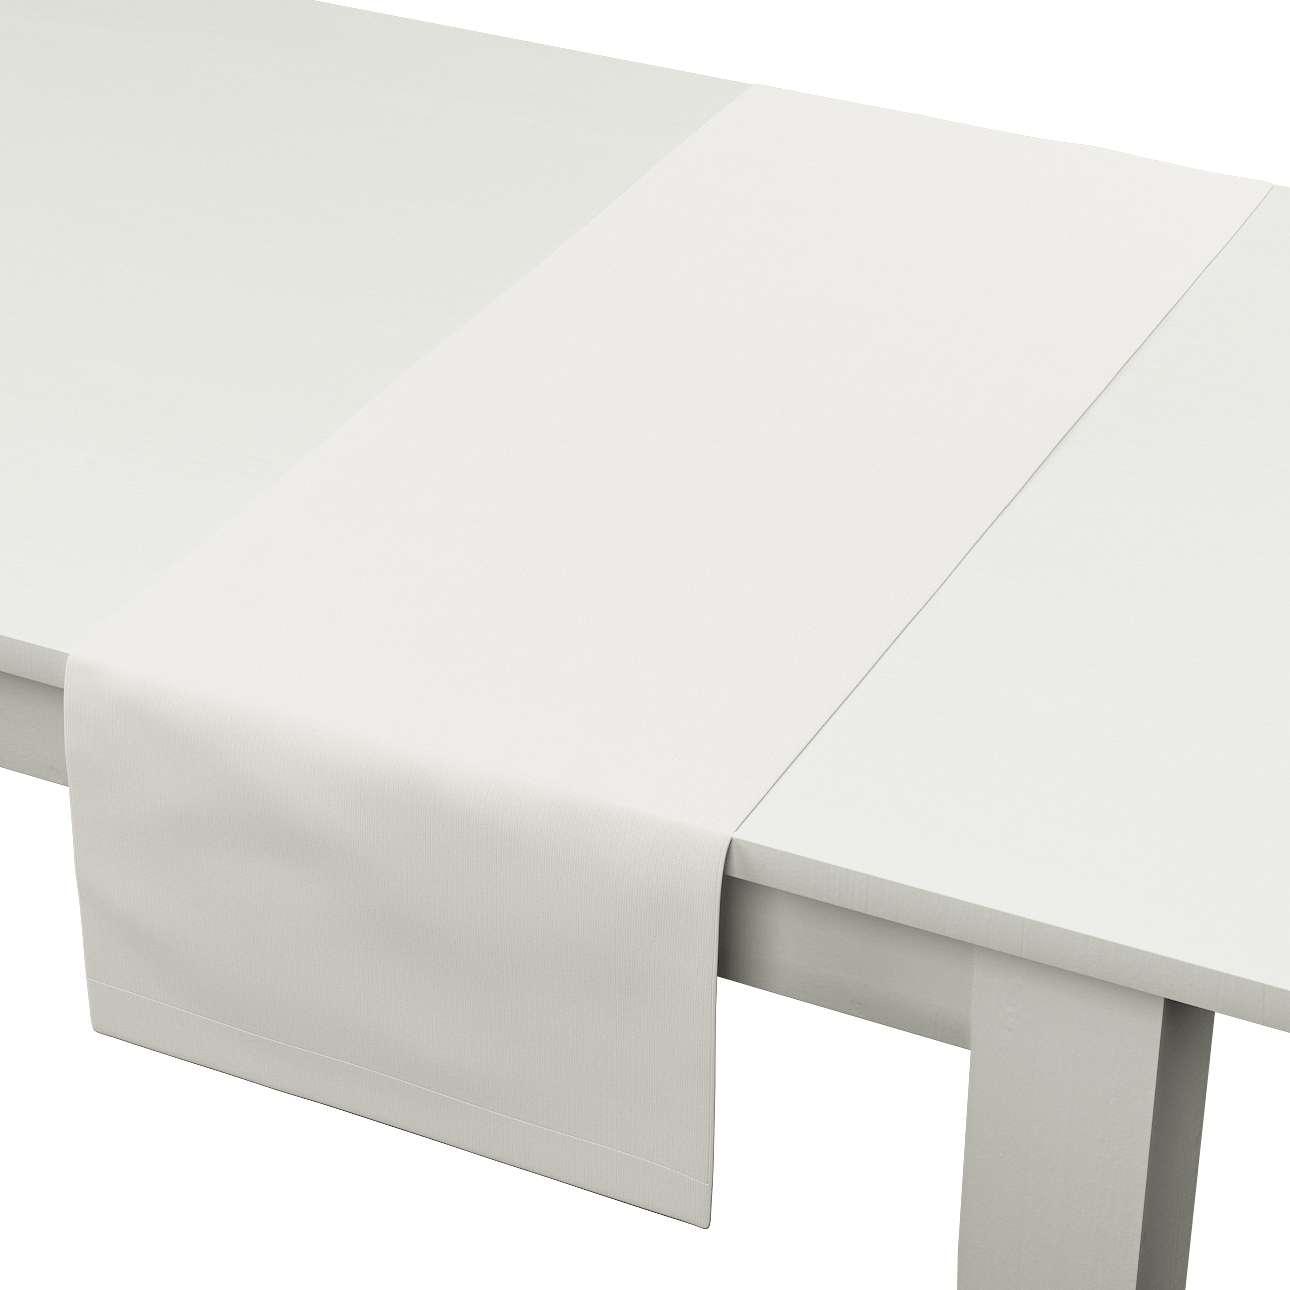 Stalo takeliai 40 x 130 cm kolekcijoje Cotton Panama, audinys: 702-34